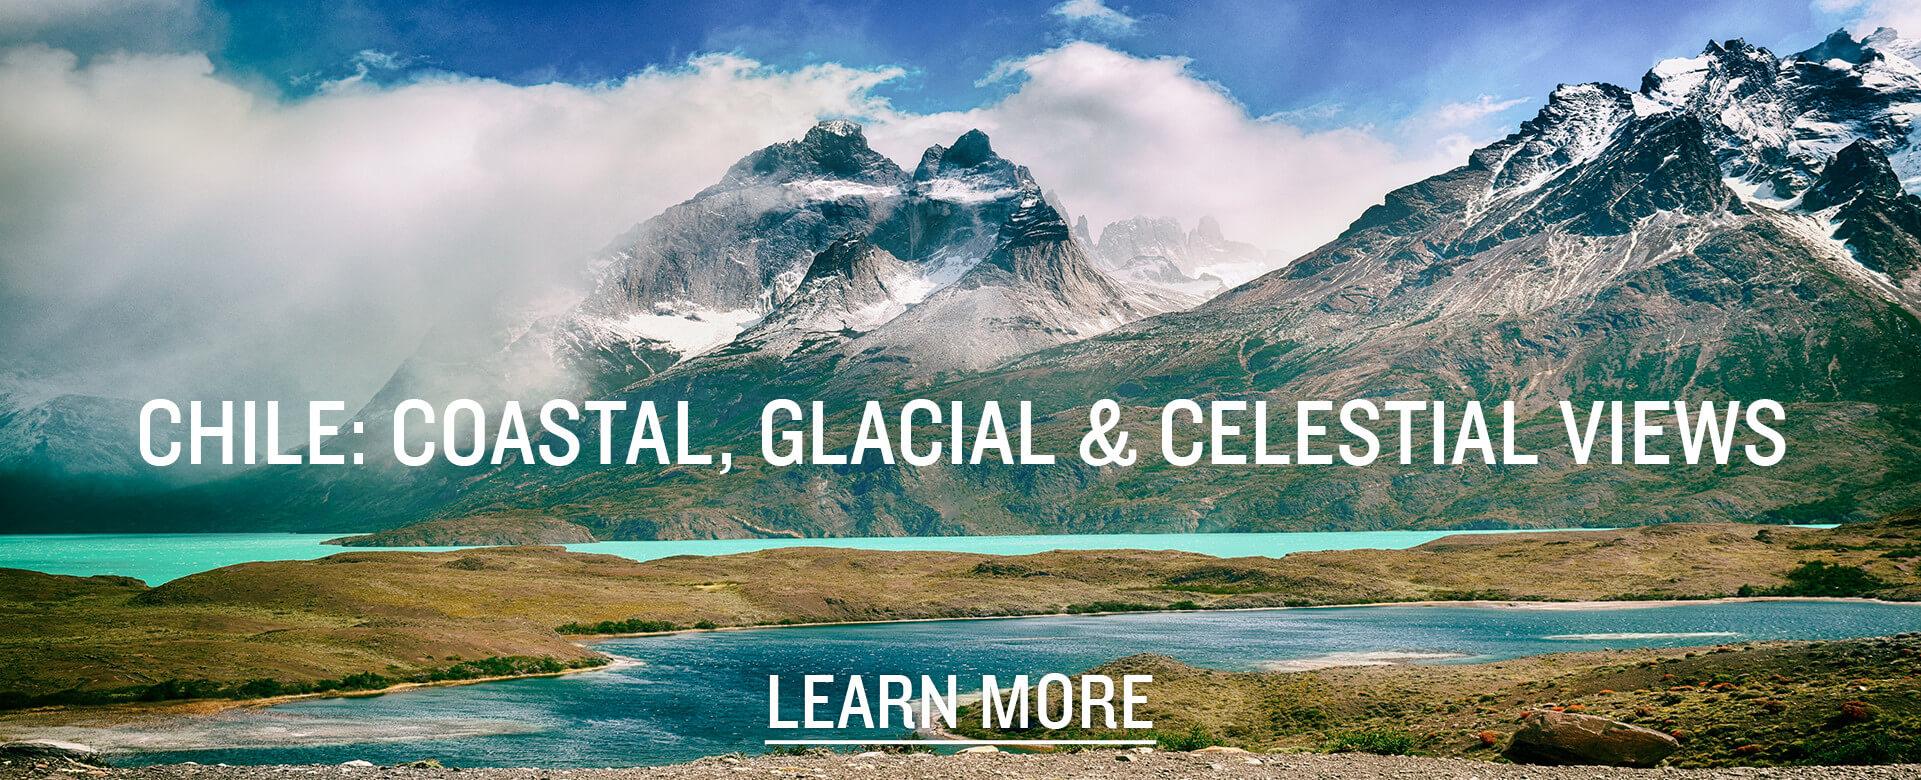 Explore Chile: Coastal, Glacial, and Celestial Views